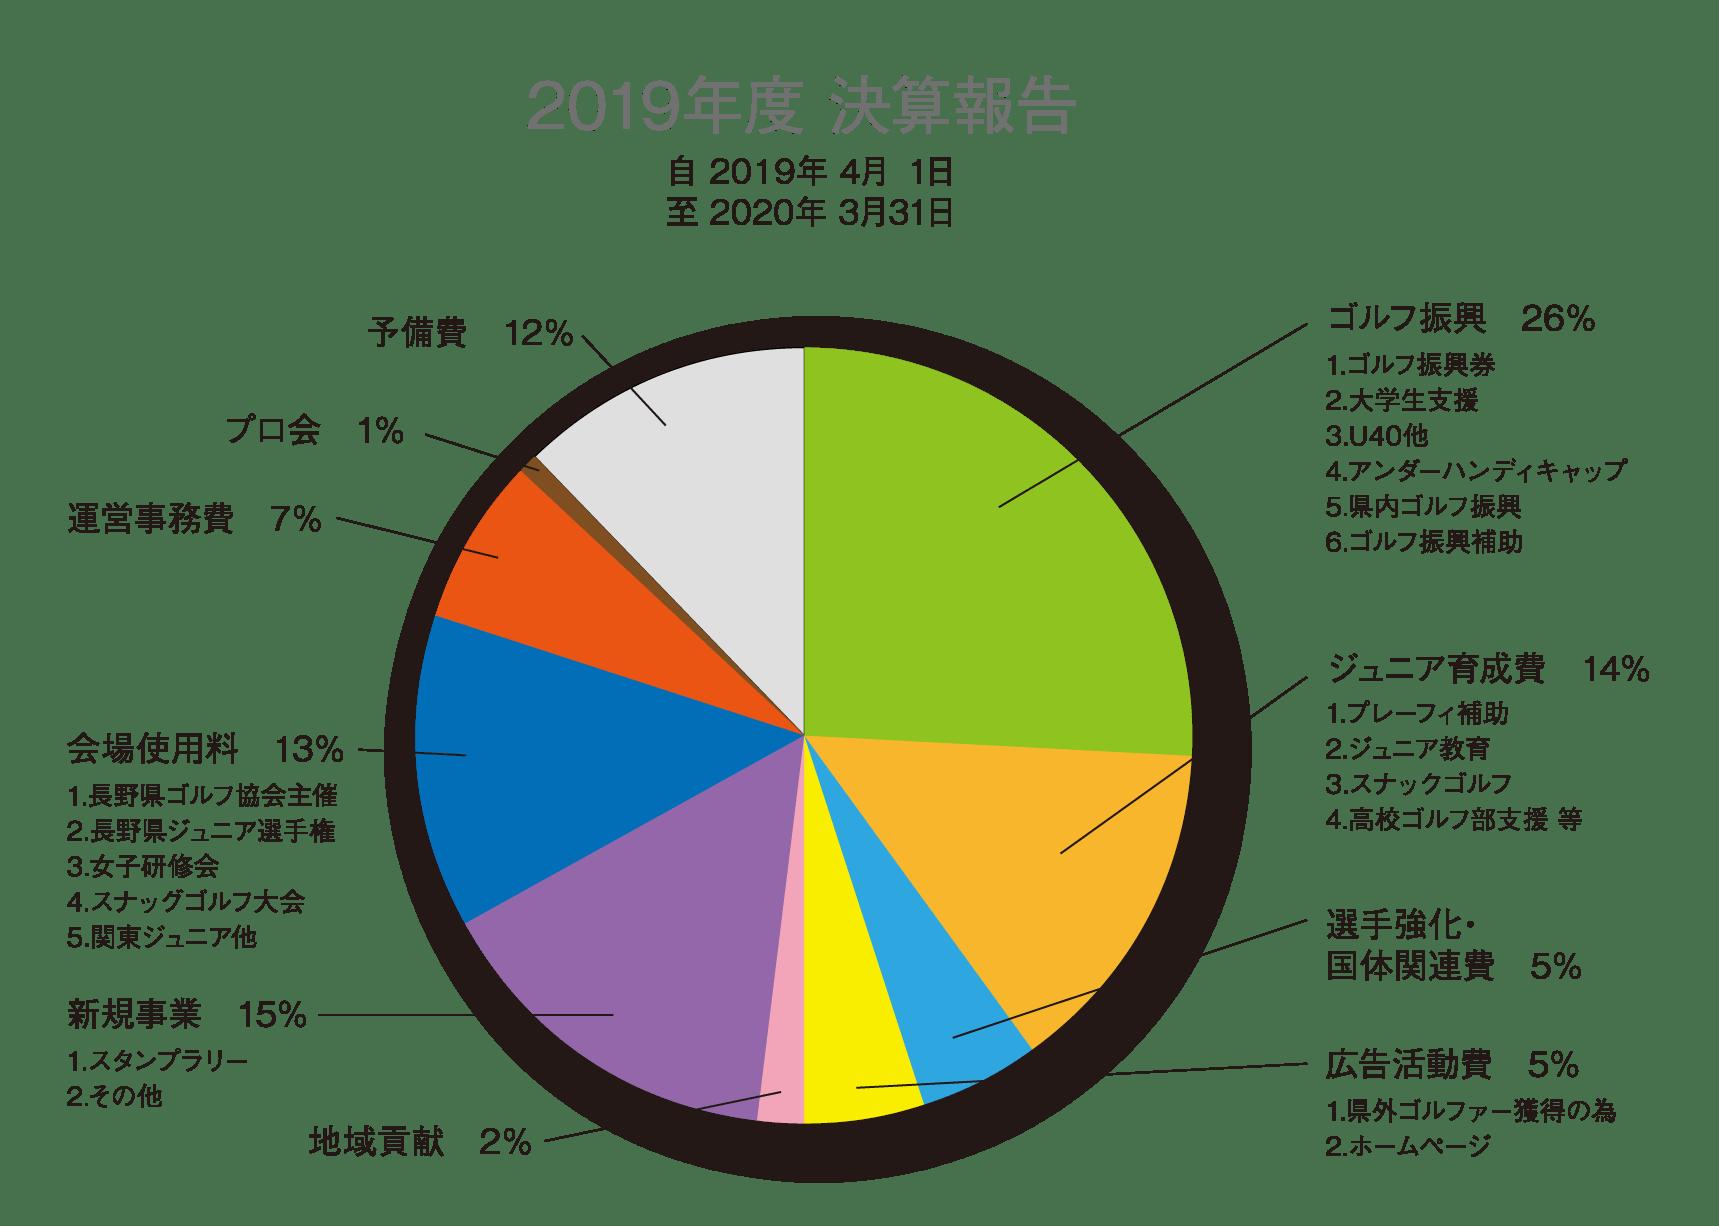 2019年度 決算報告